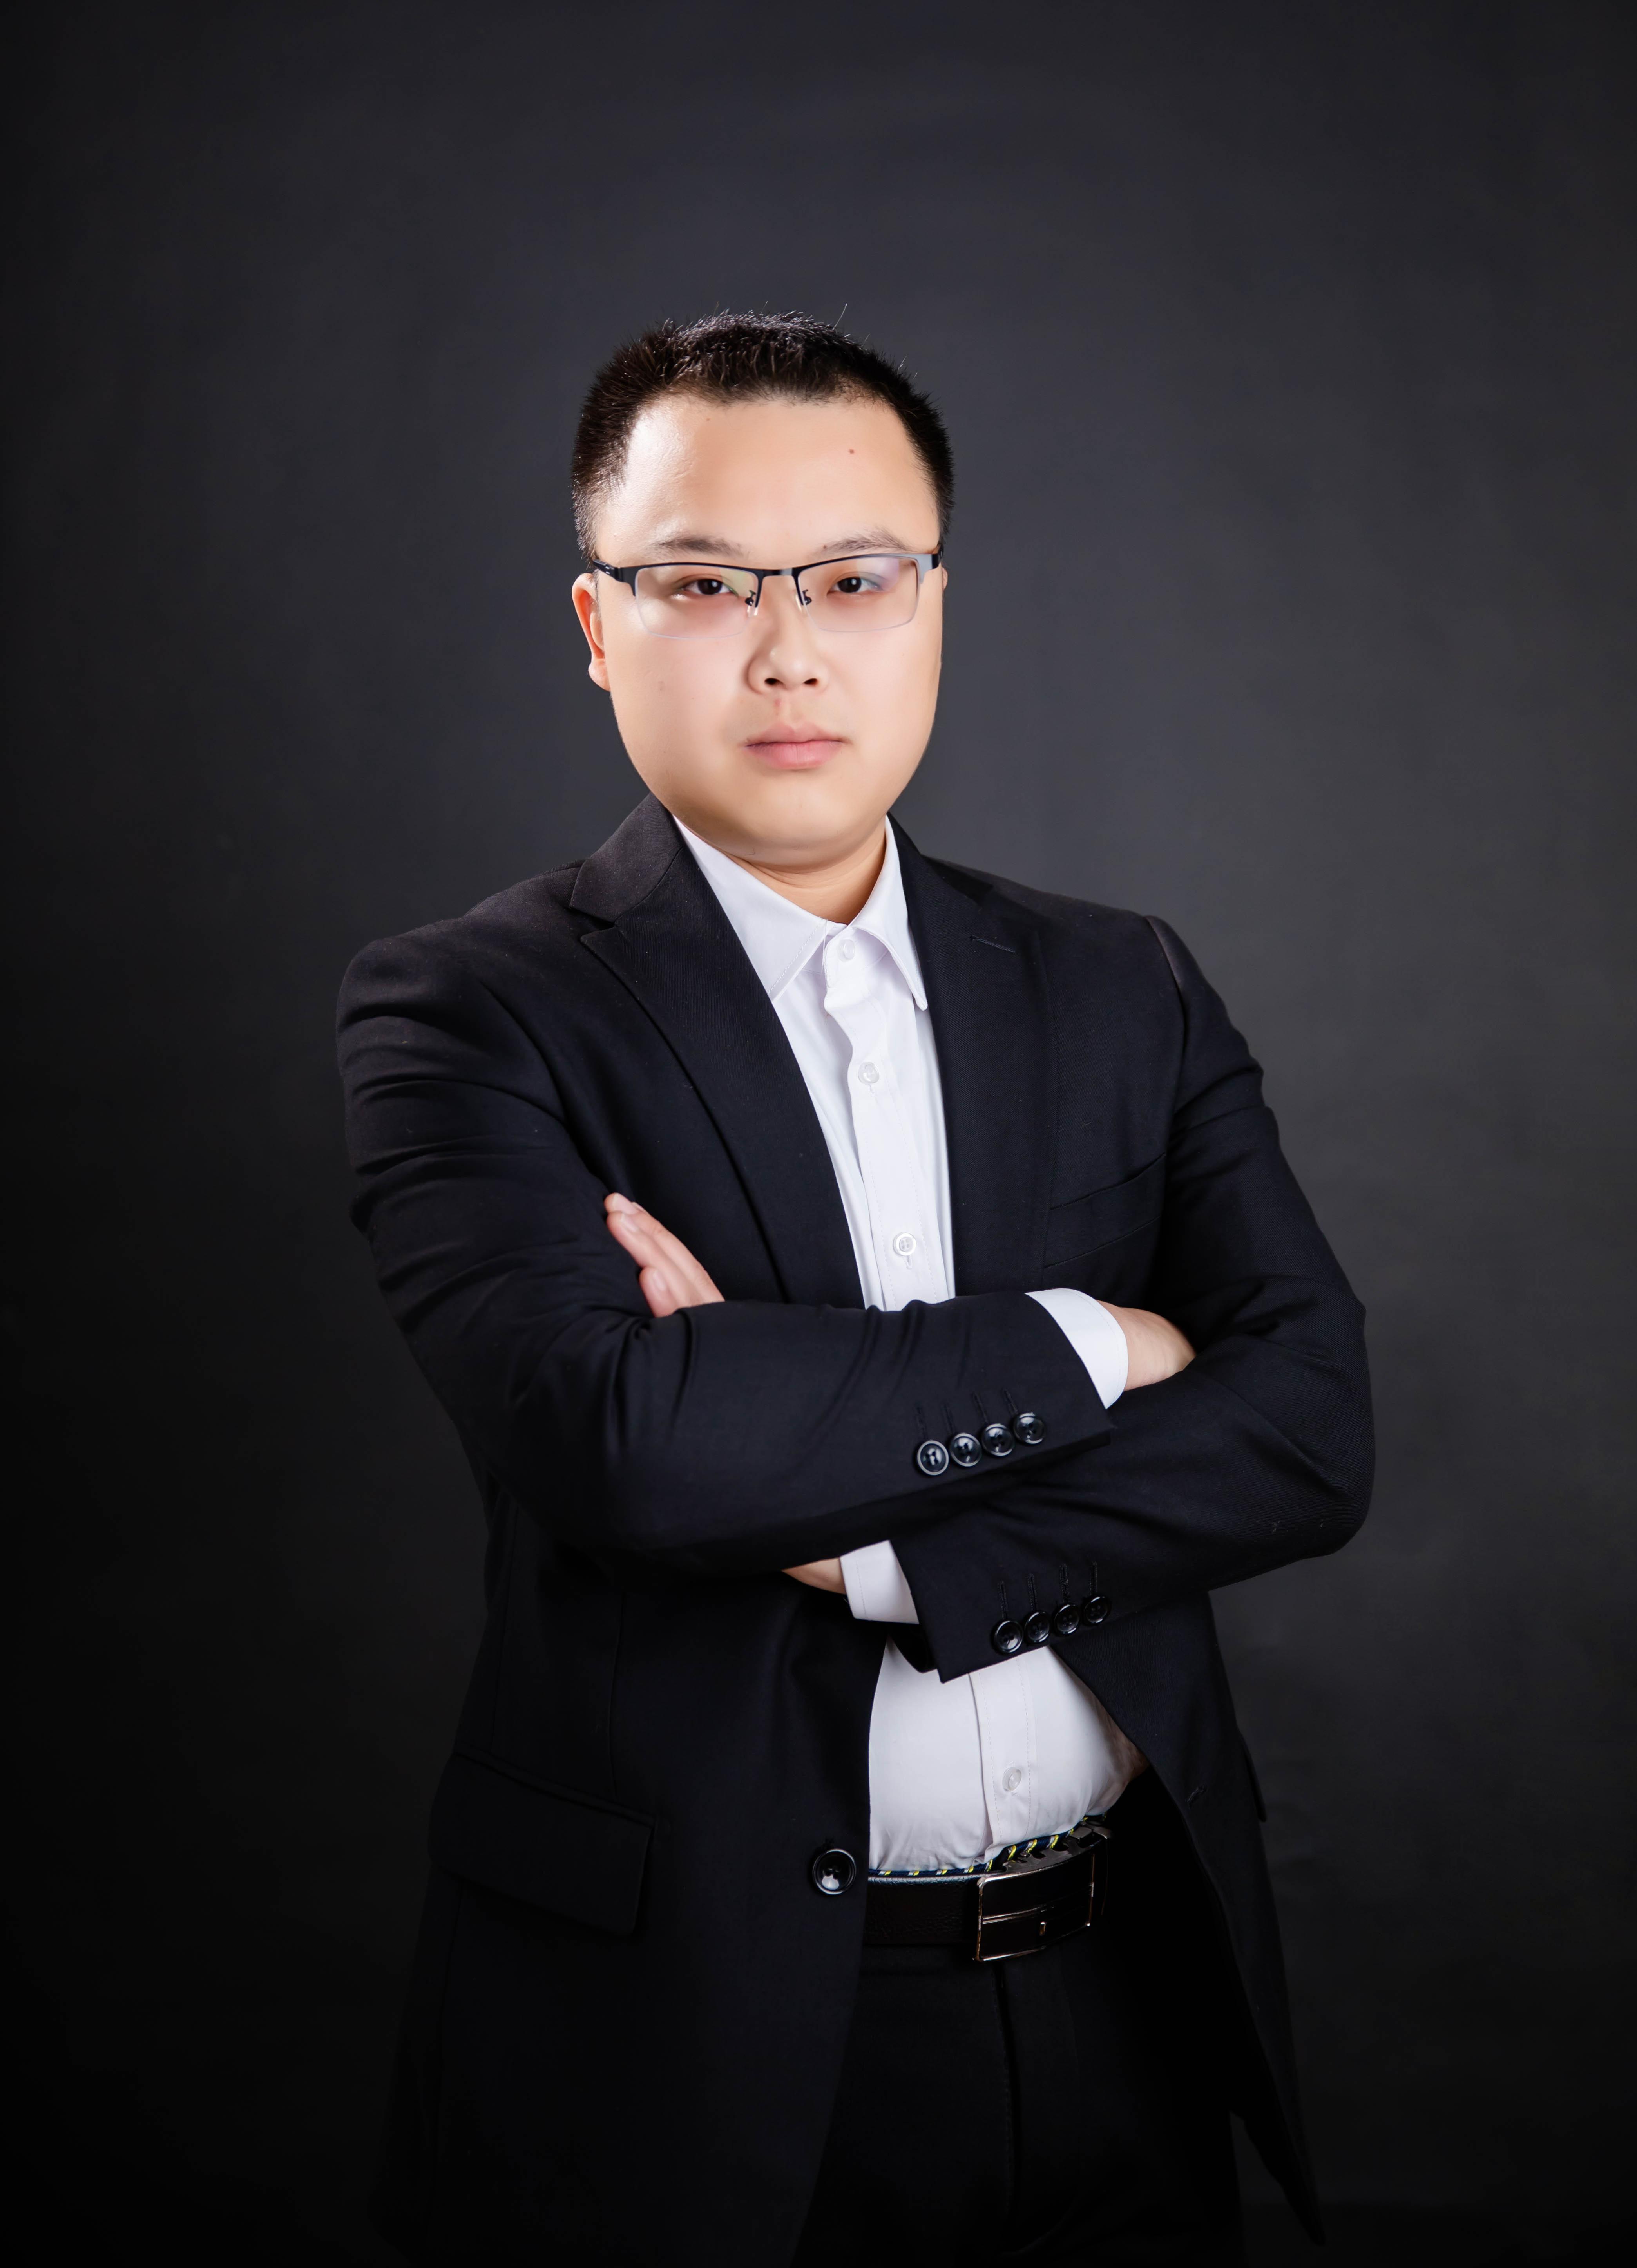 刘杨的简历照片